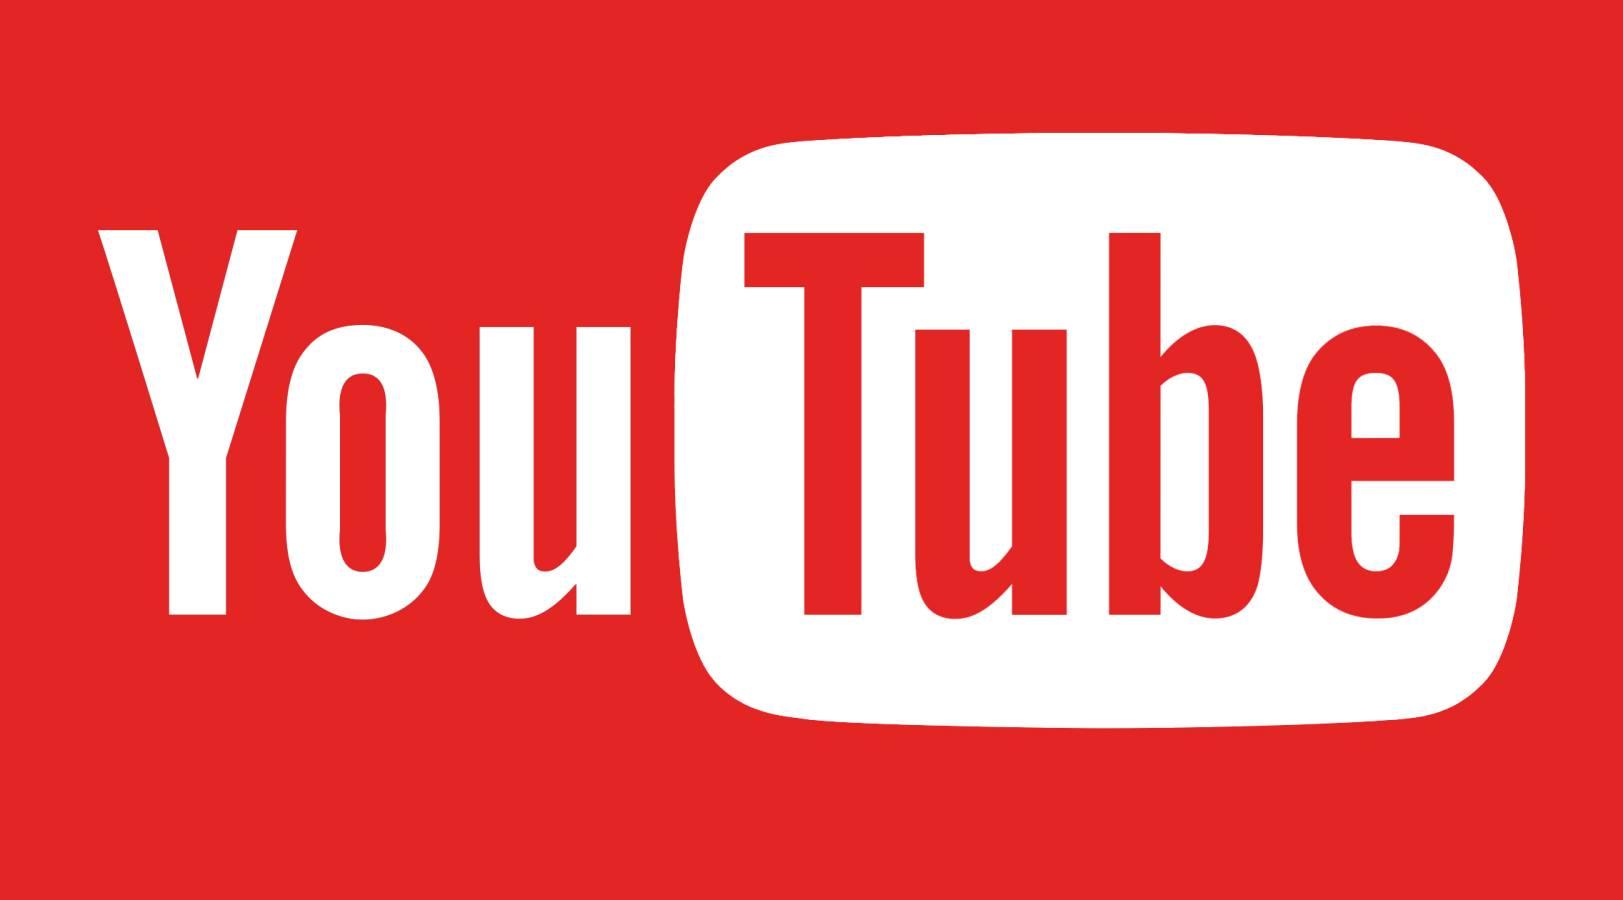 YouTube Actualizarea Lansata pentru Telefoane, Iata ce Noutati Aduce